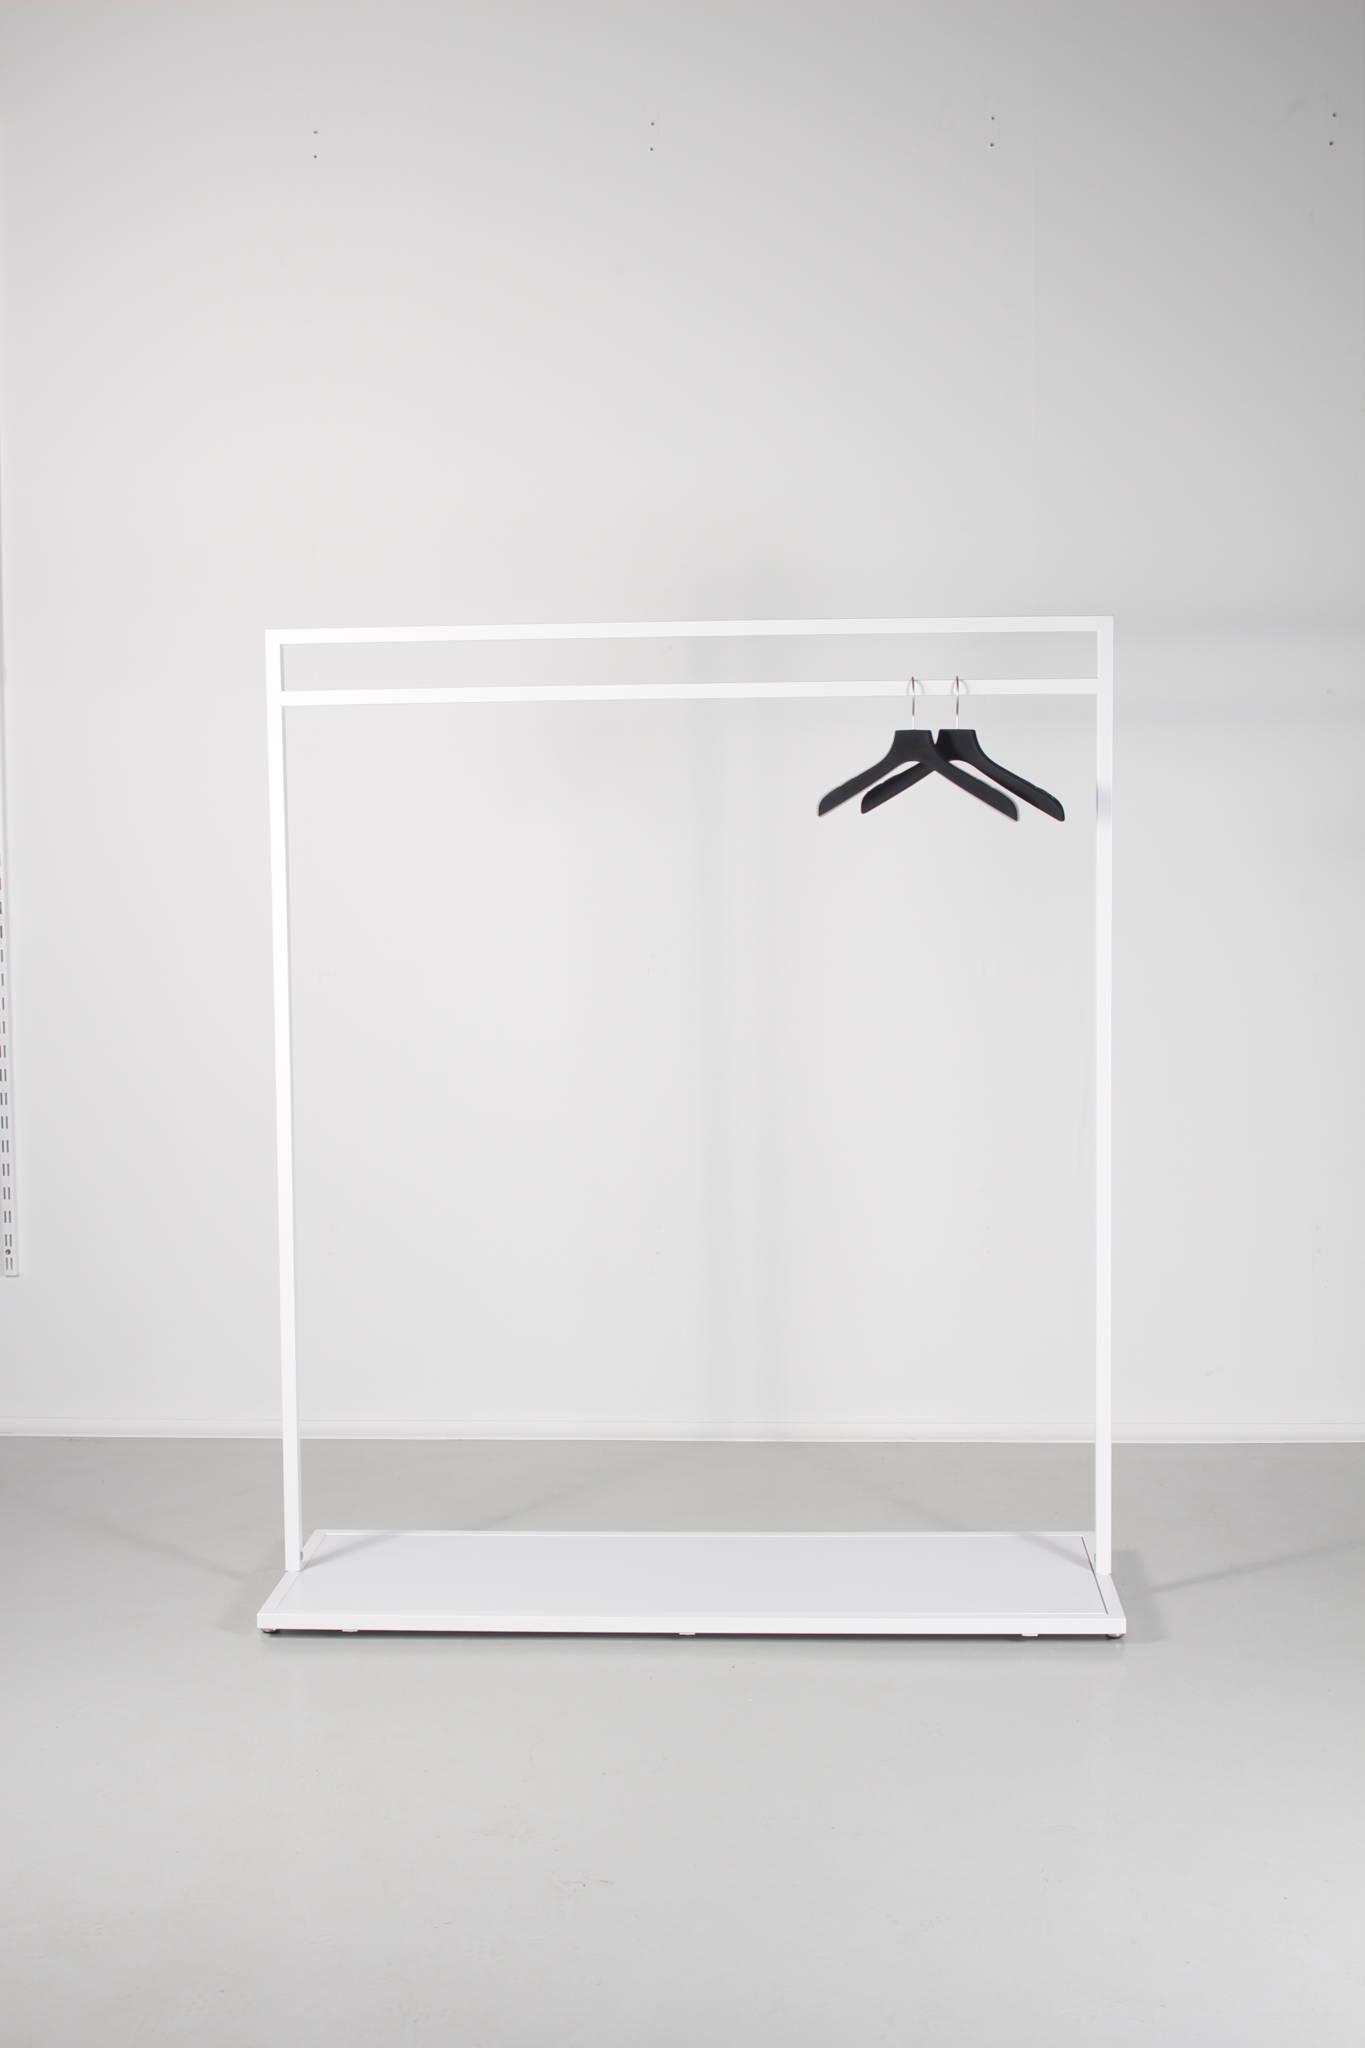 hvidt tøjstativ med mulighed for at få monteret en bundplade som kan leveres i mere end 700 forskellige NCS farver.